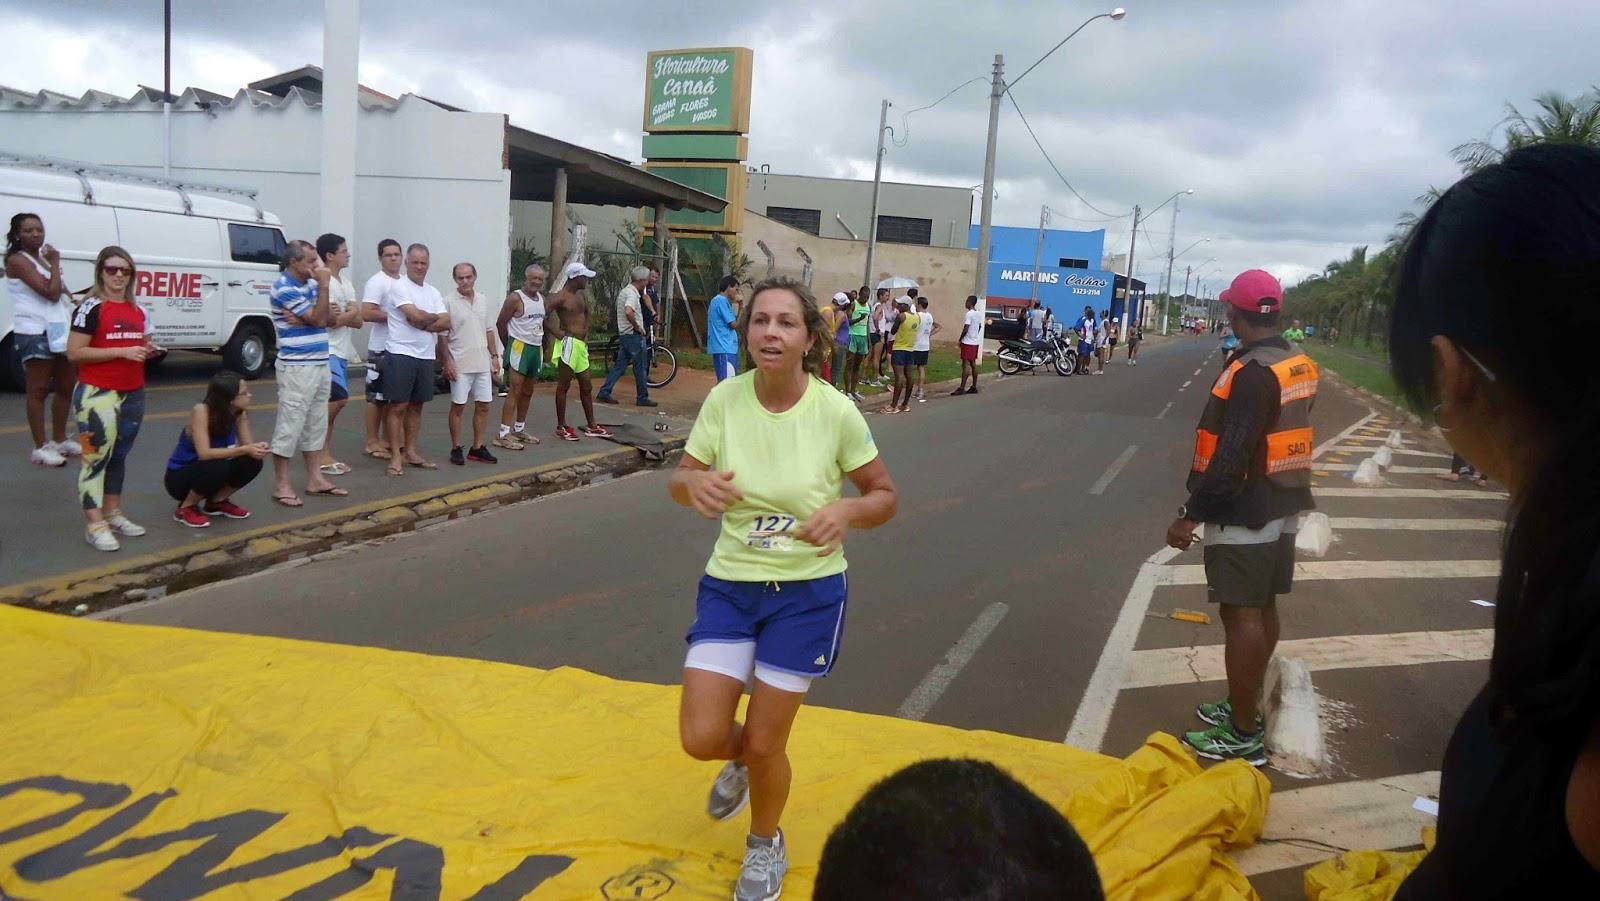 Foto 175 da 1ª Corrida Av. dos Coqueiros em Barretos-SP 14/04/2013 – Atletas cruzando a linha de chegada